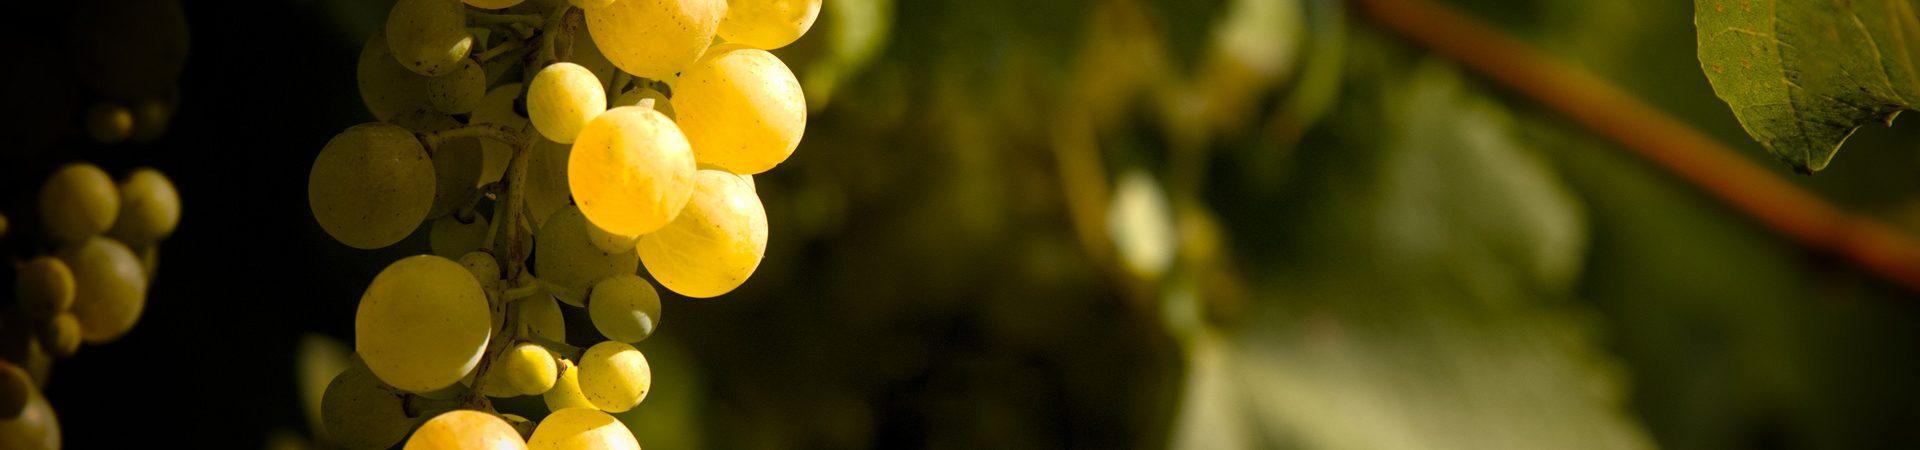 uva-prosecco